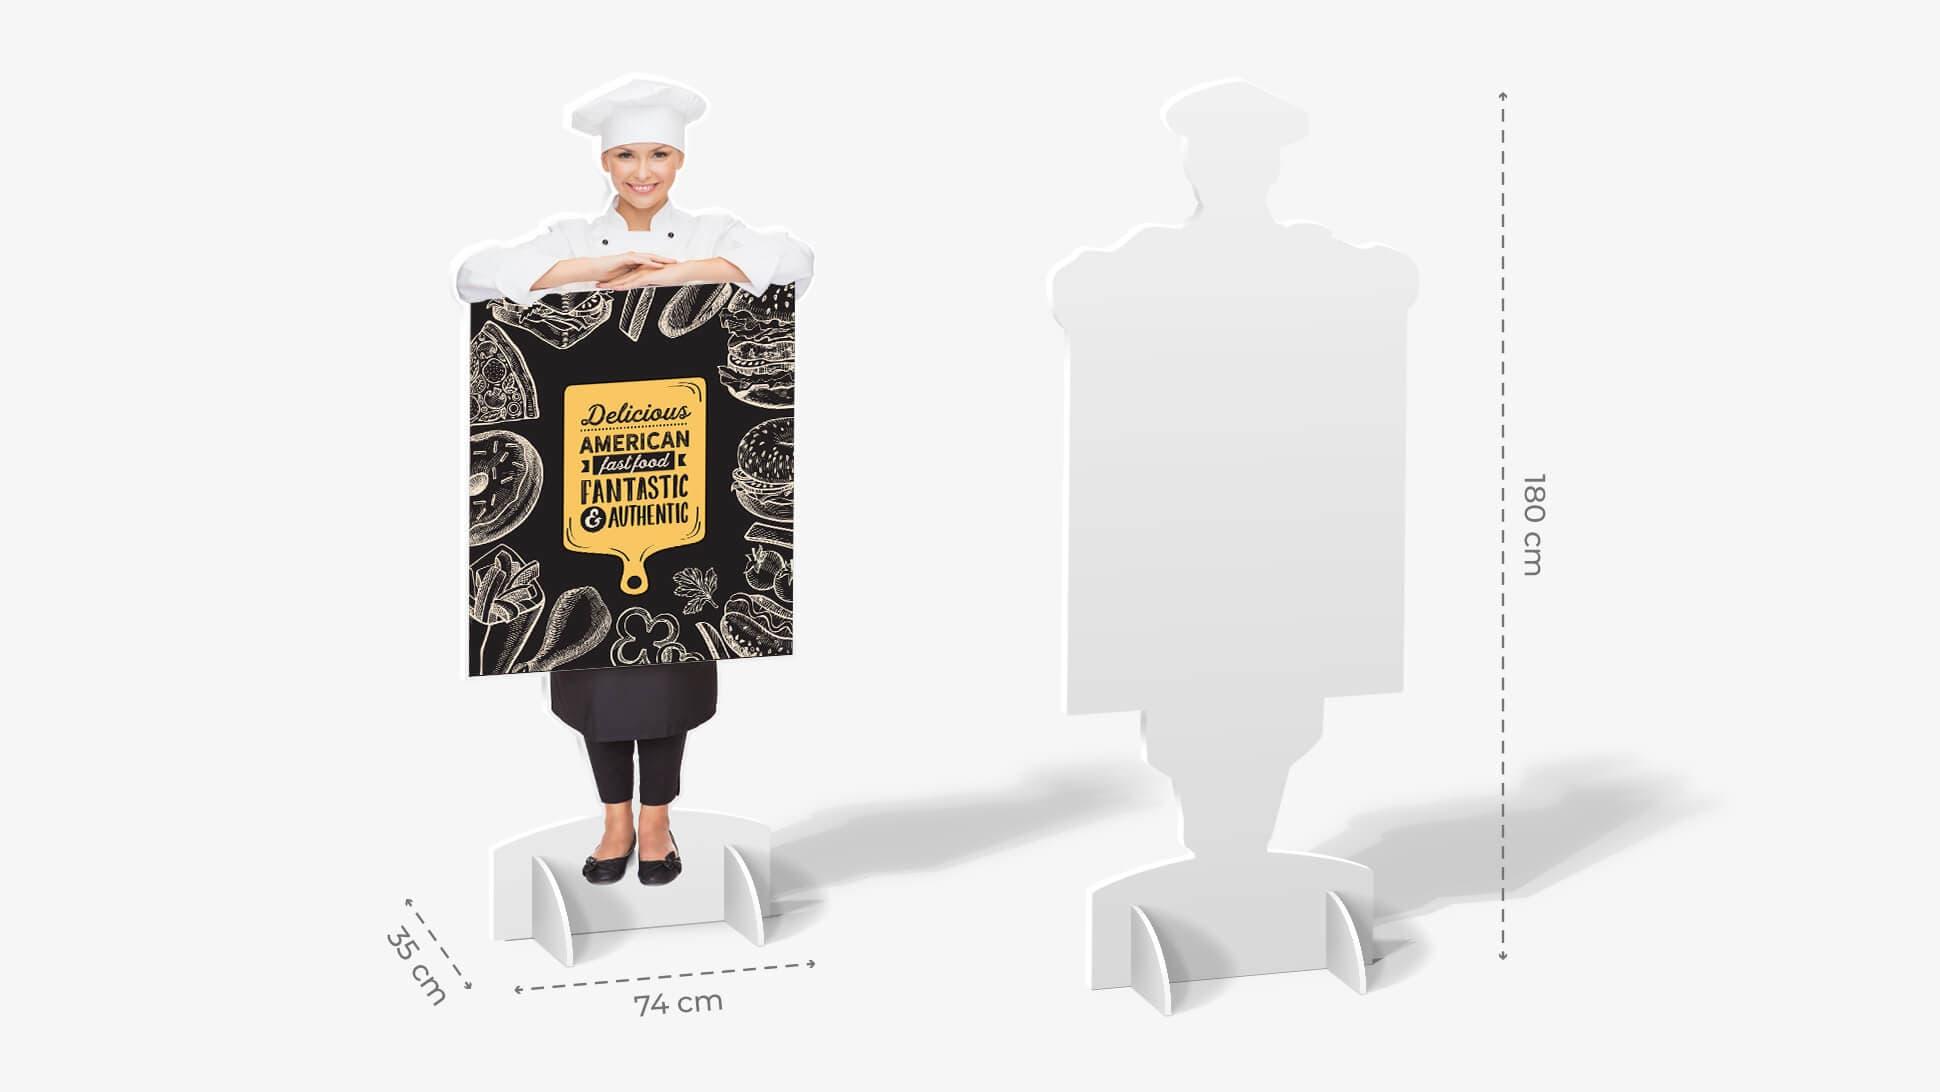 Sagomato in Sandwich con cuoca e grafica | tictac.it